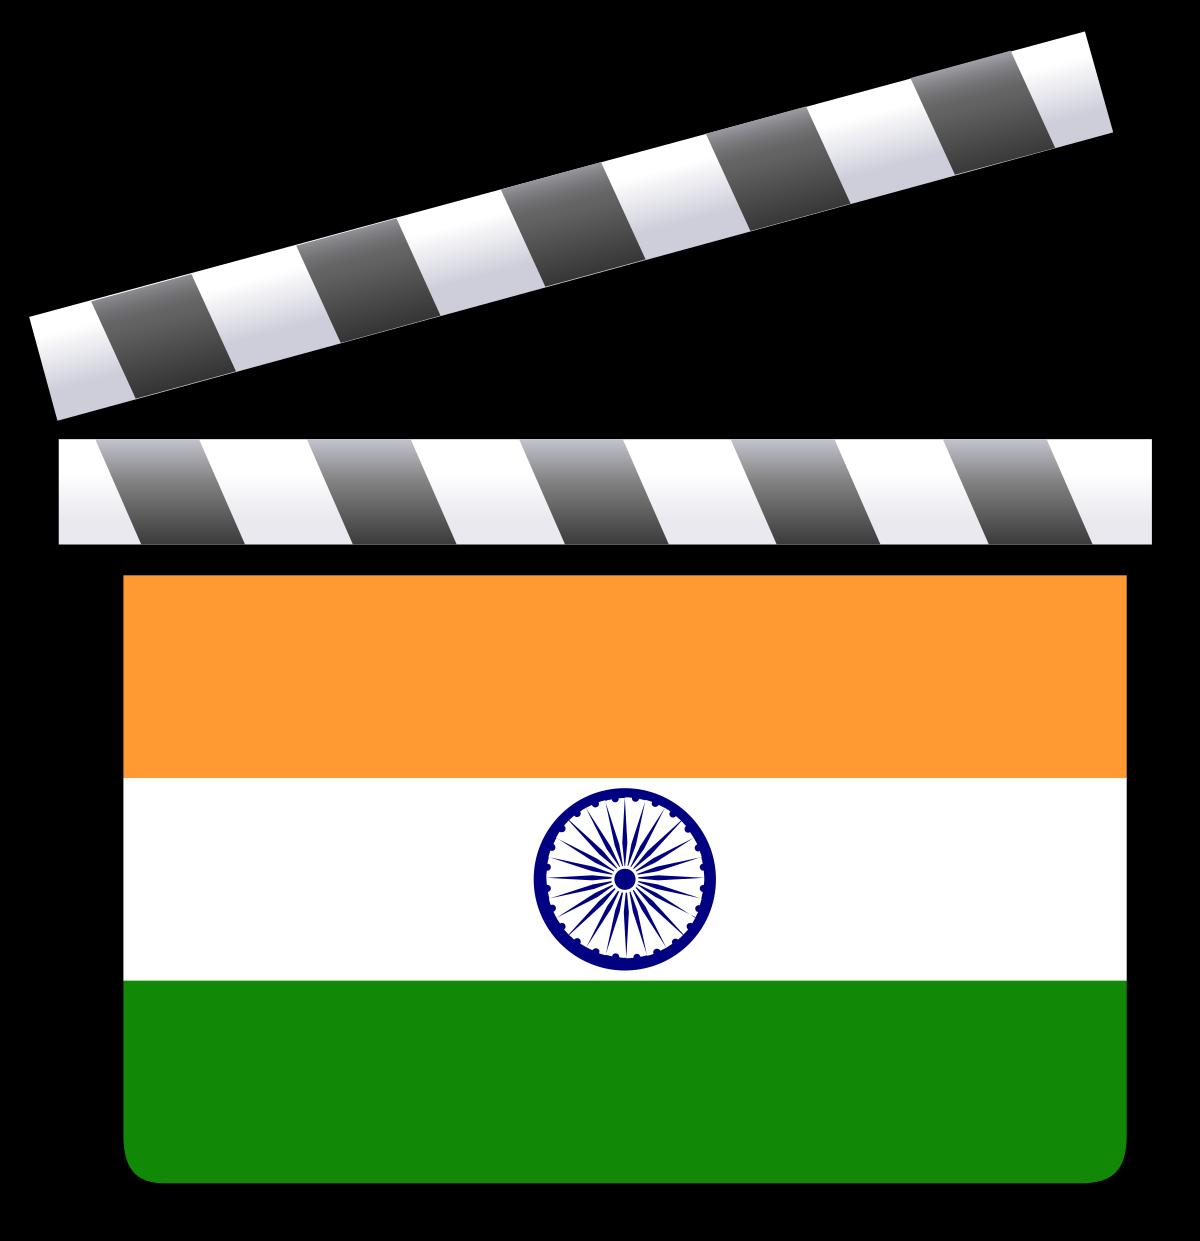 Bollywood wikipedia . Pioneer clipart bullock cart